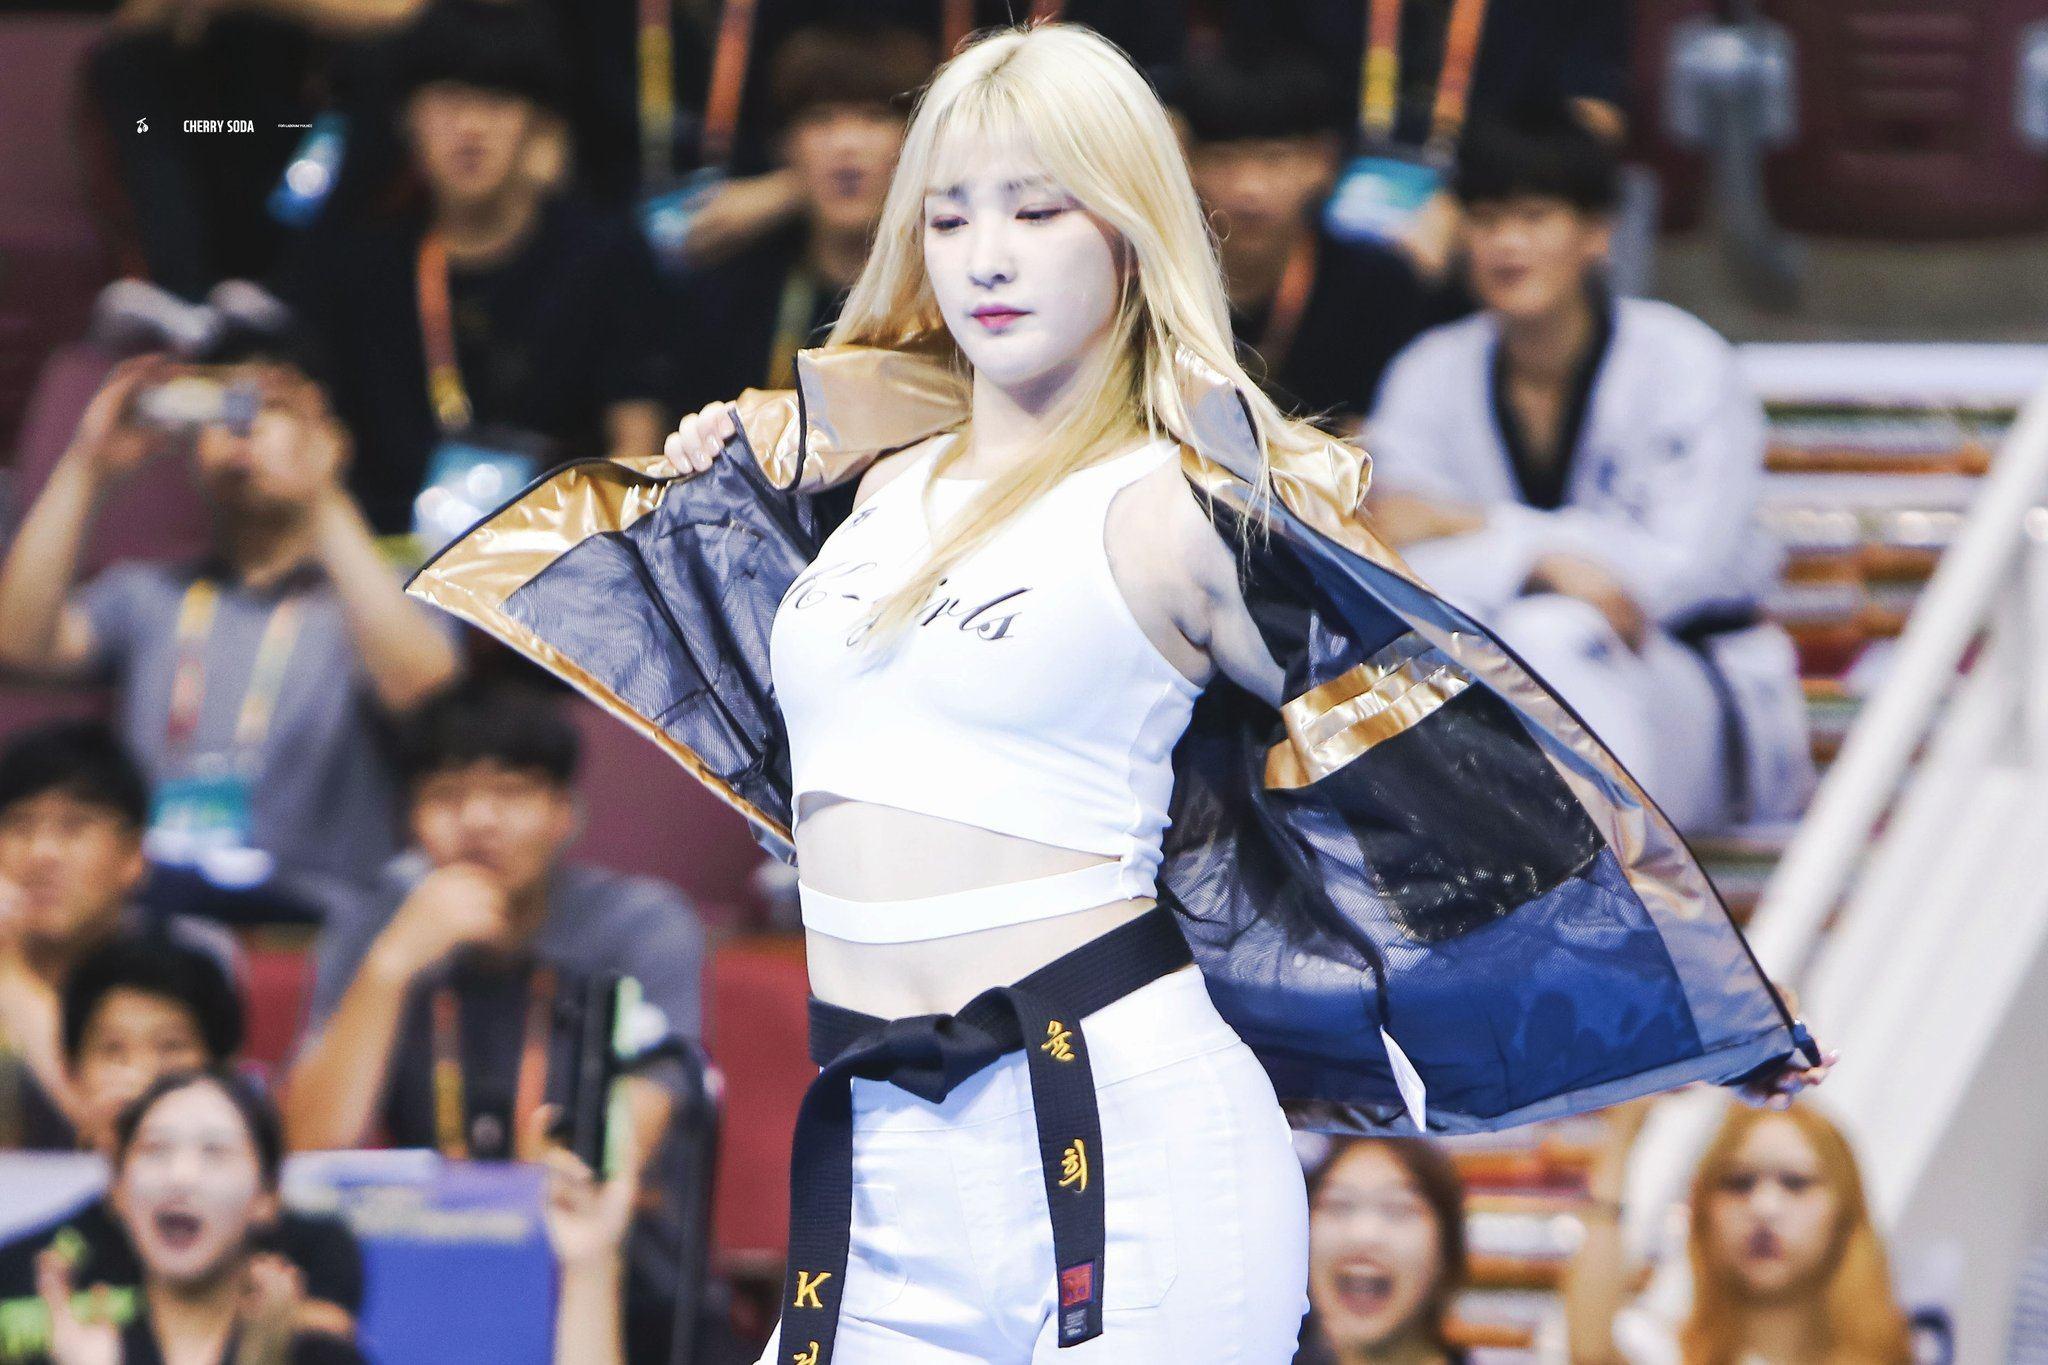 Hot girl korean porn-5466